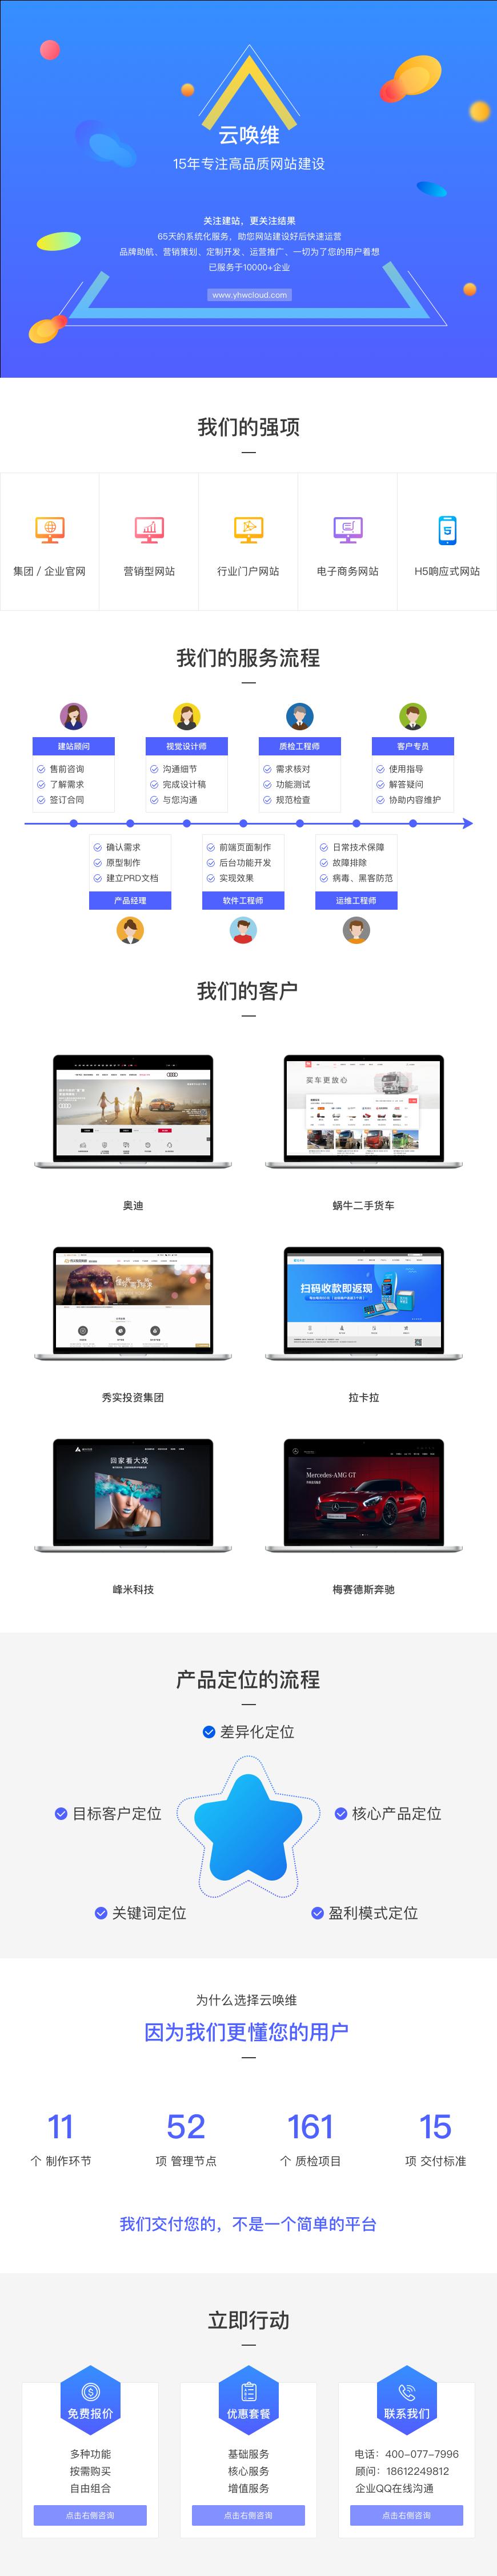 网站建设详情2.png